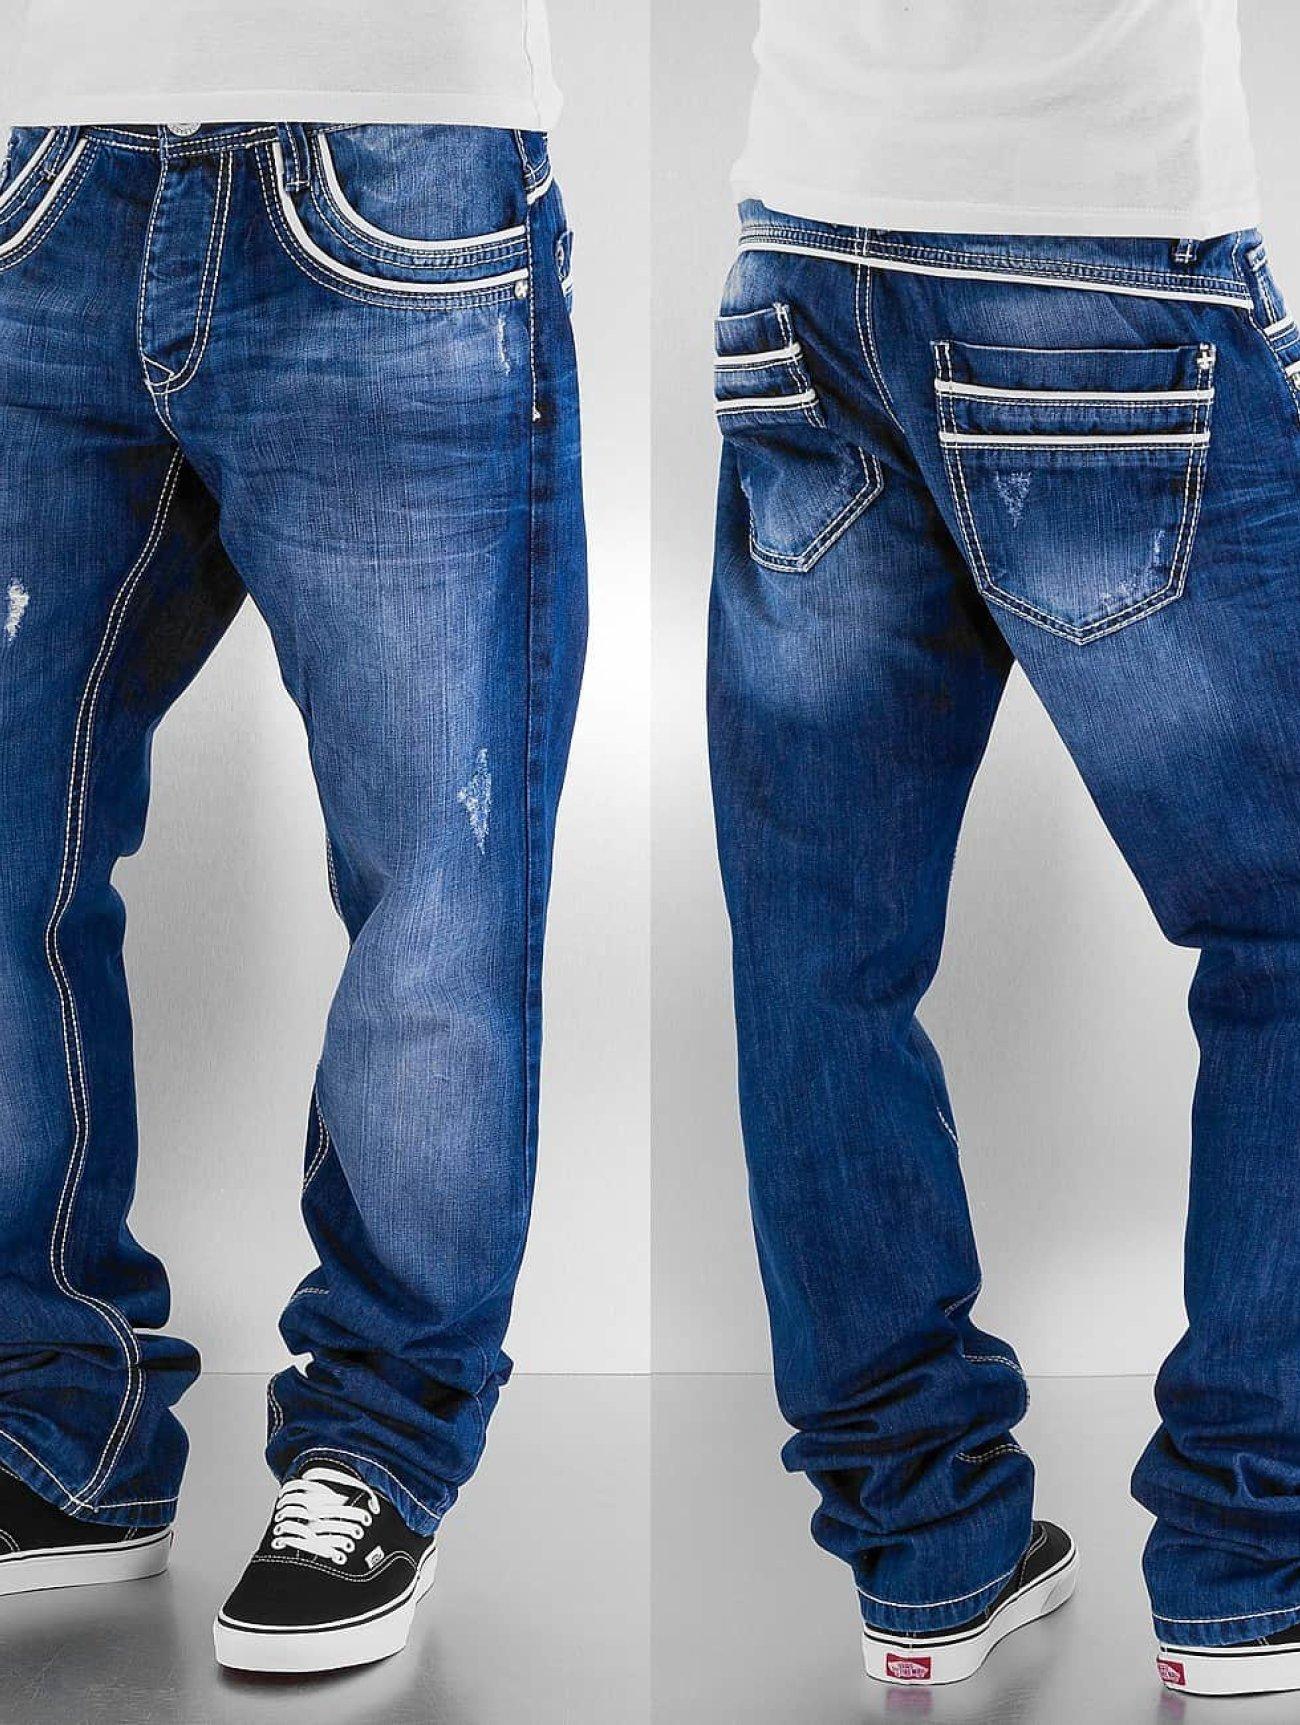 Cipo & Baxx  Simba   bleu Homme Jean coupe droite  155961 Homme Jeans